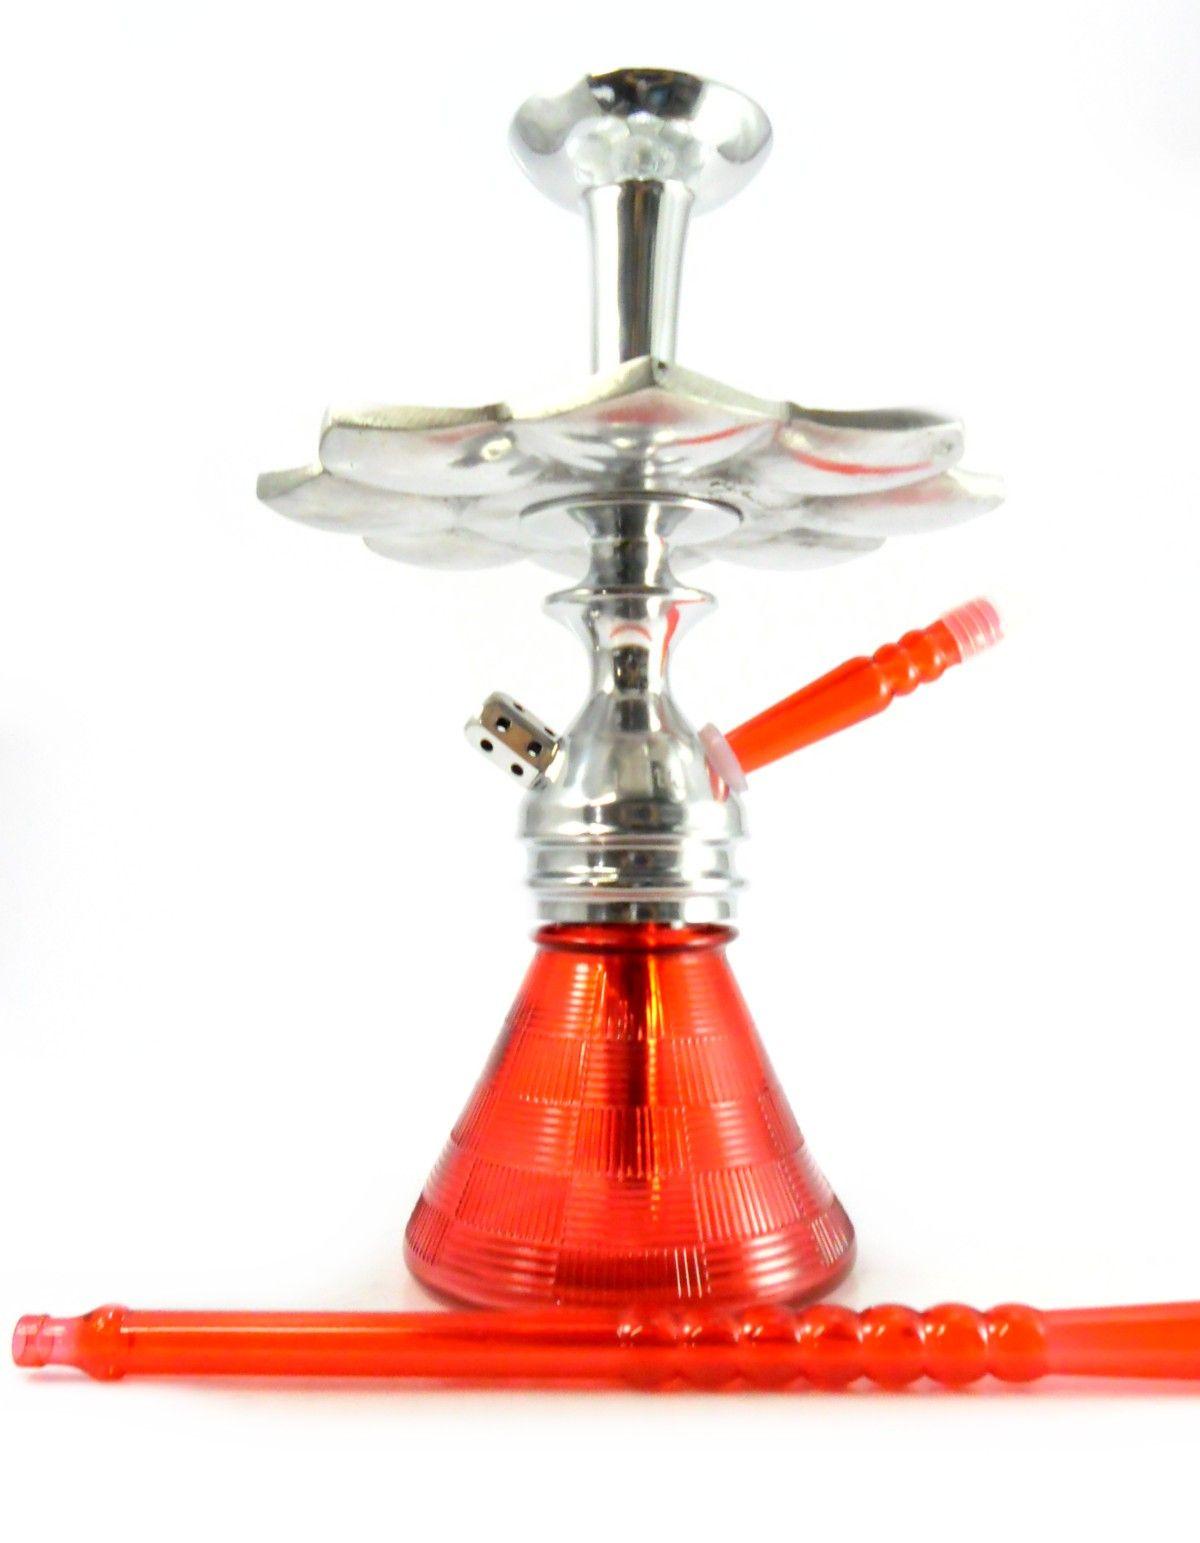 Narguile JUDITH POLIDO 33cm, vaso Petit vermelho, mangueira MD HOSE Vermelho, fornilho alumínio, prato El Nefes Cromado